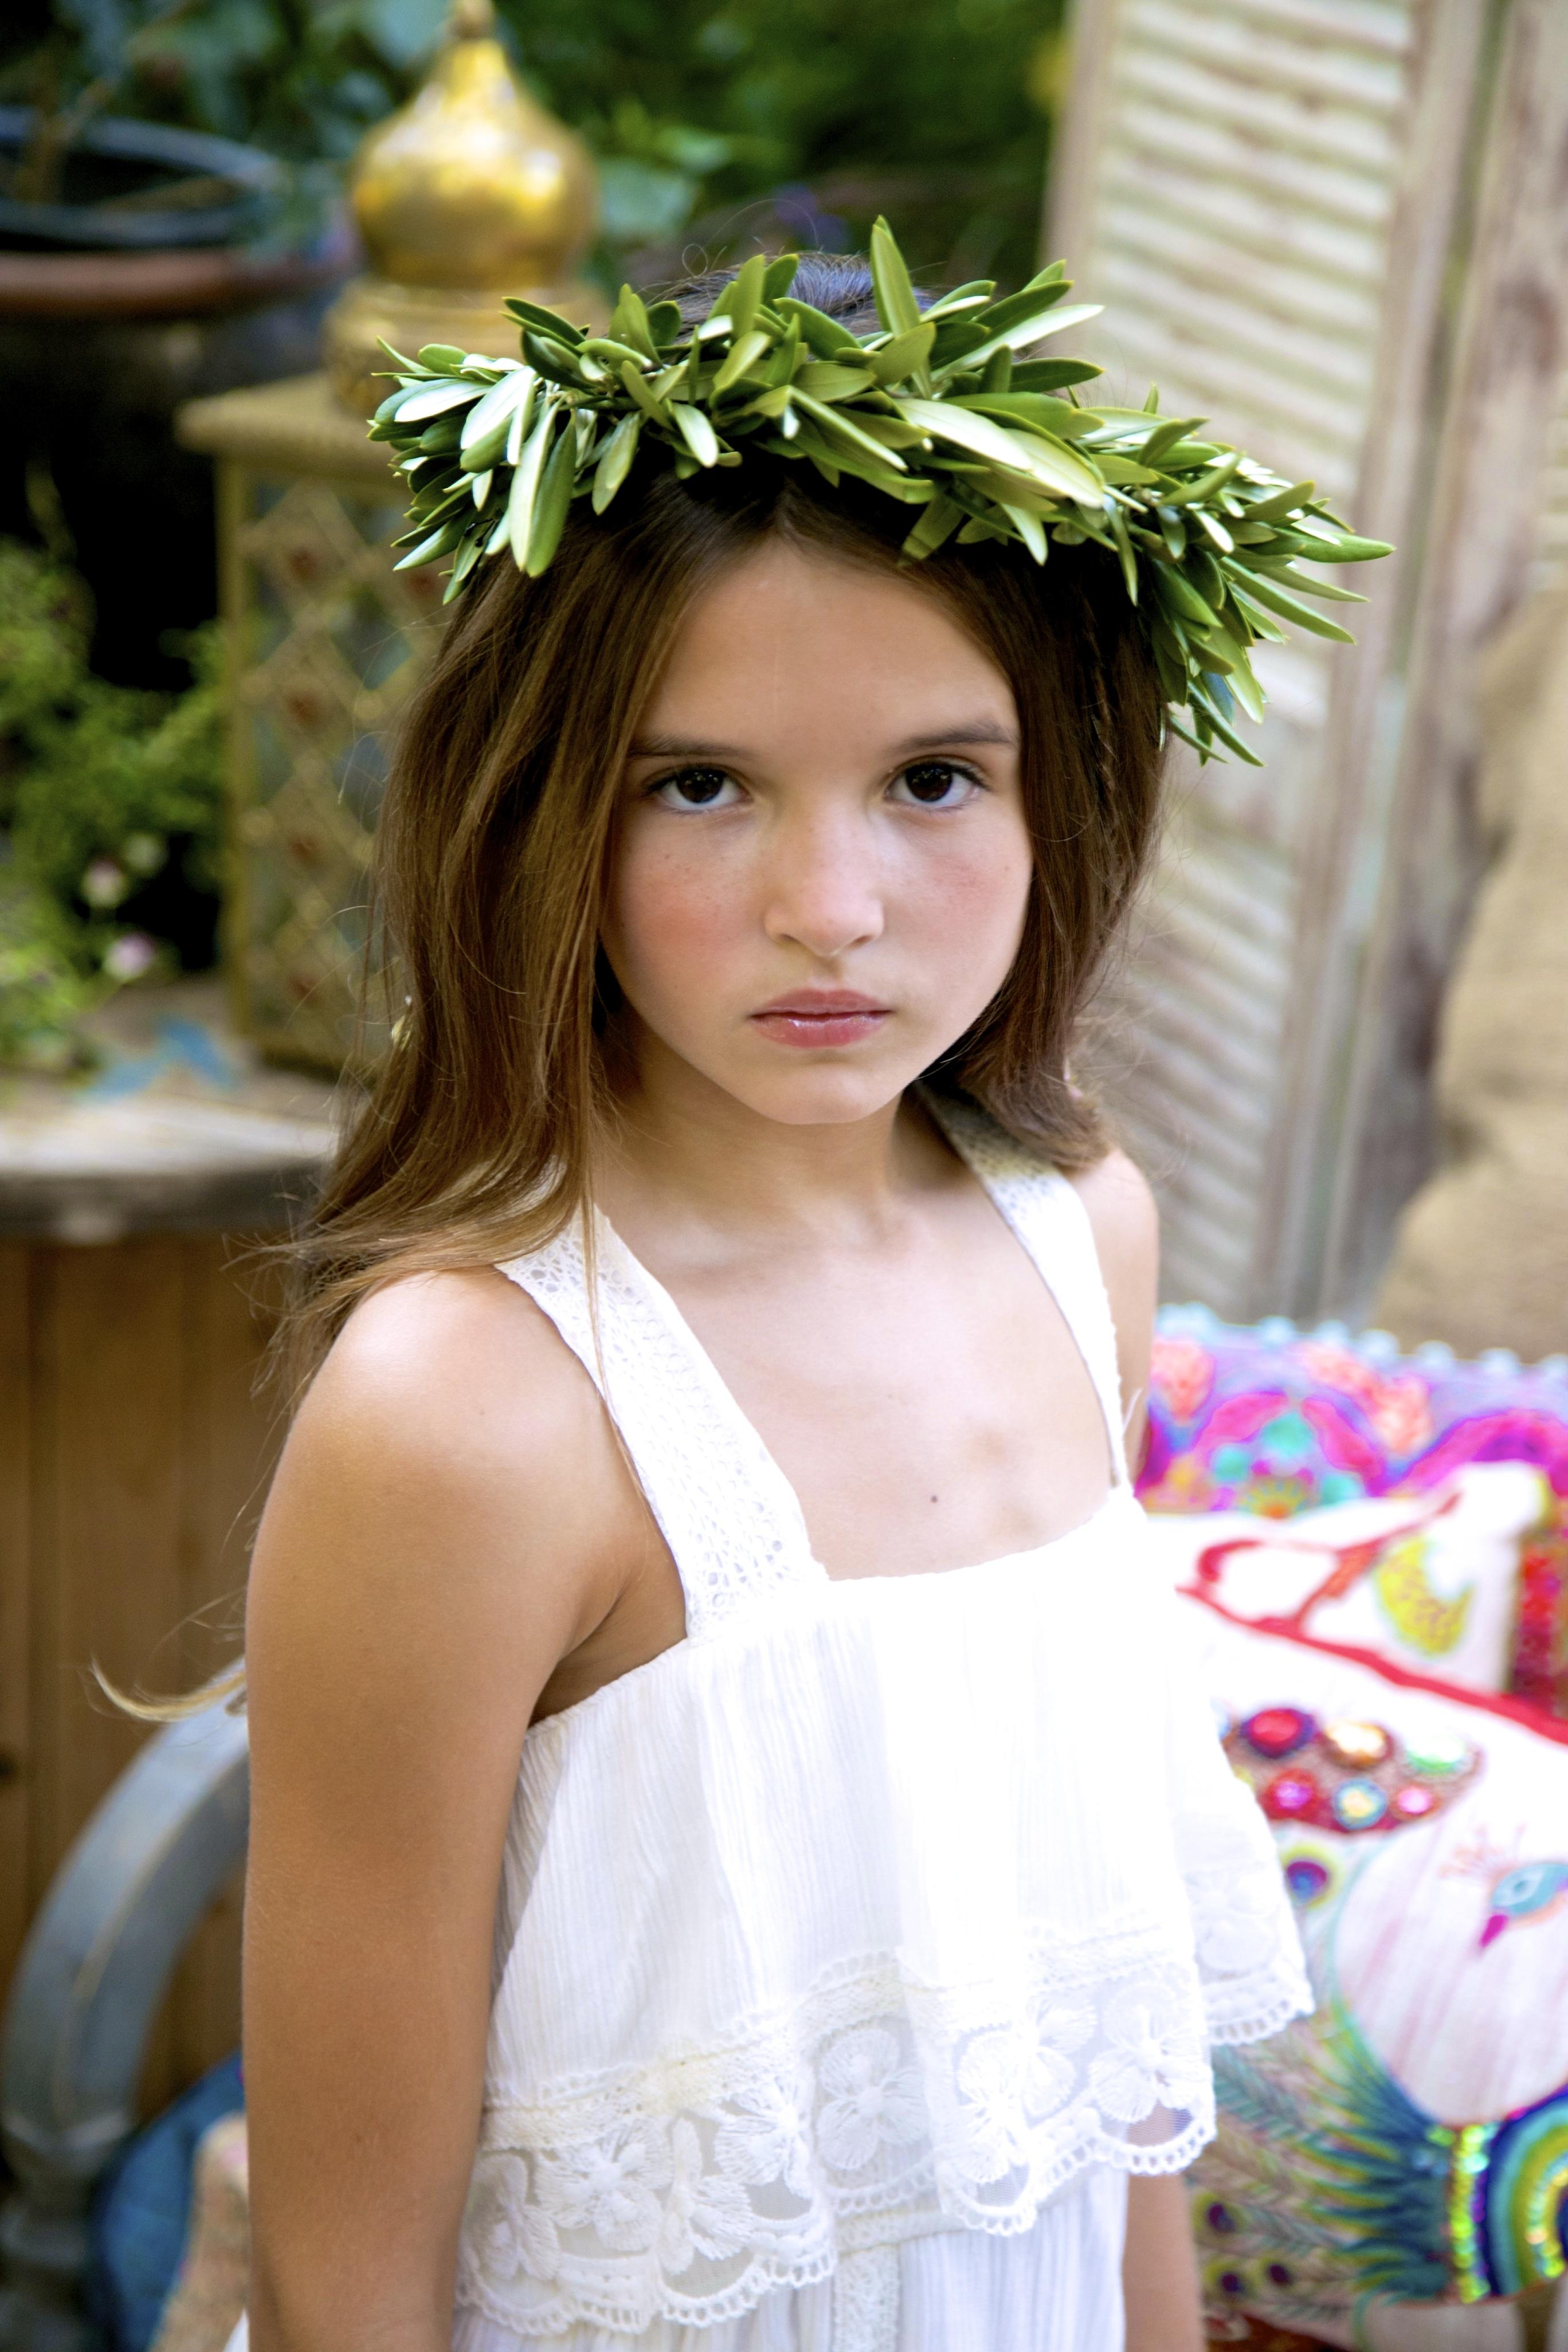 9_flowersbyazalea_flowercrown_flowergirl_olive_natural.jpg